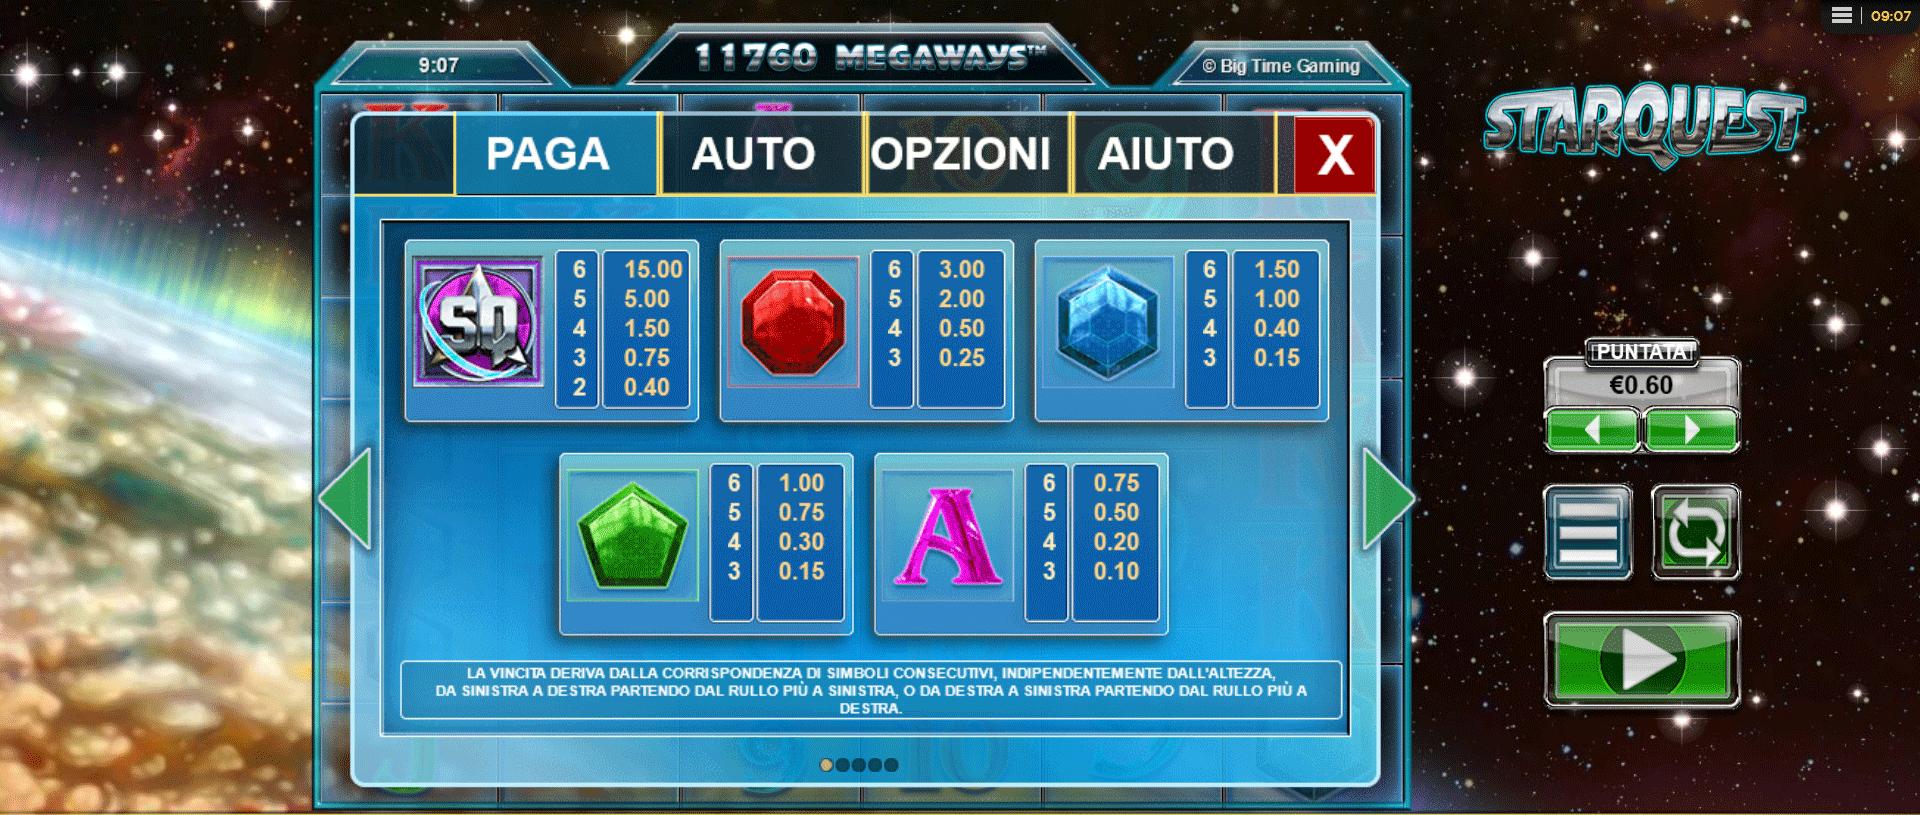 paytable della slot machine starquest